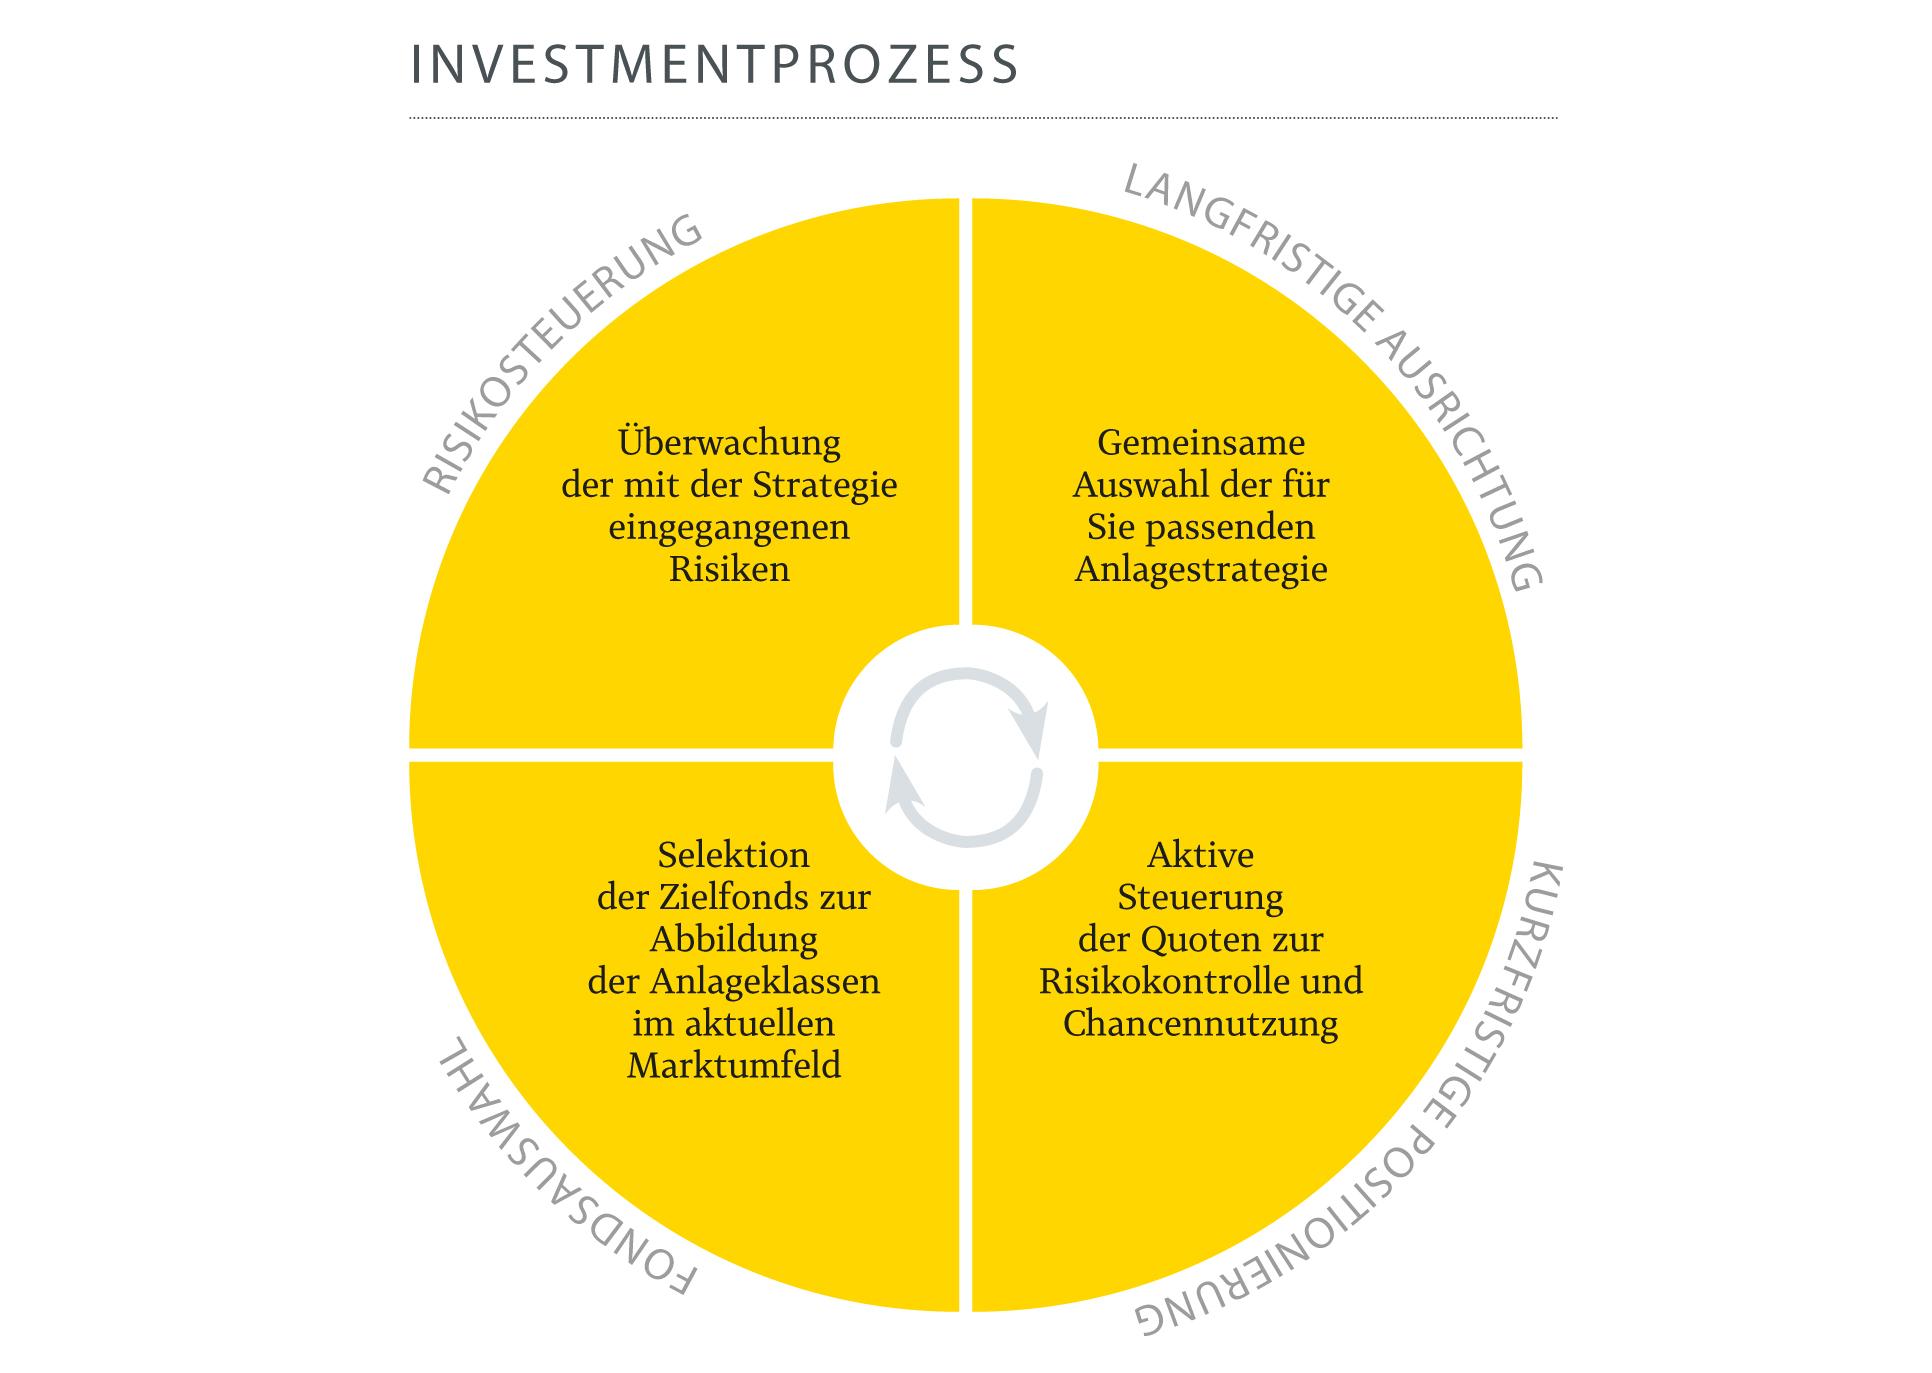 Pax-Vermögens-Konzept: Investmentprozess